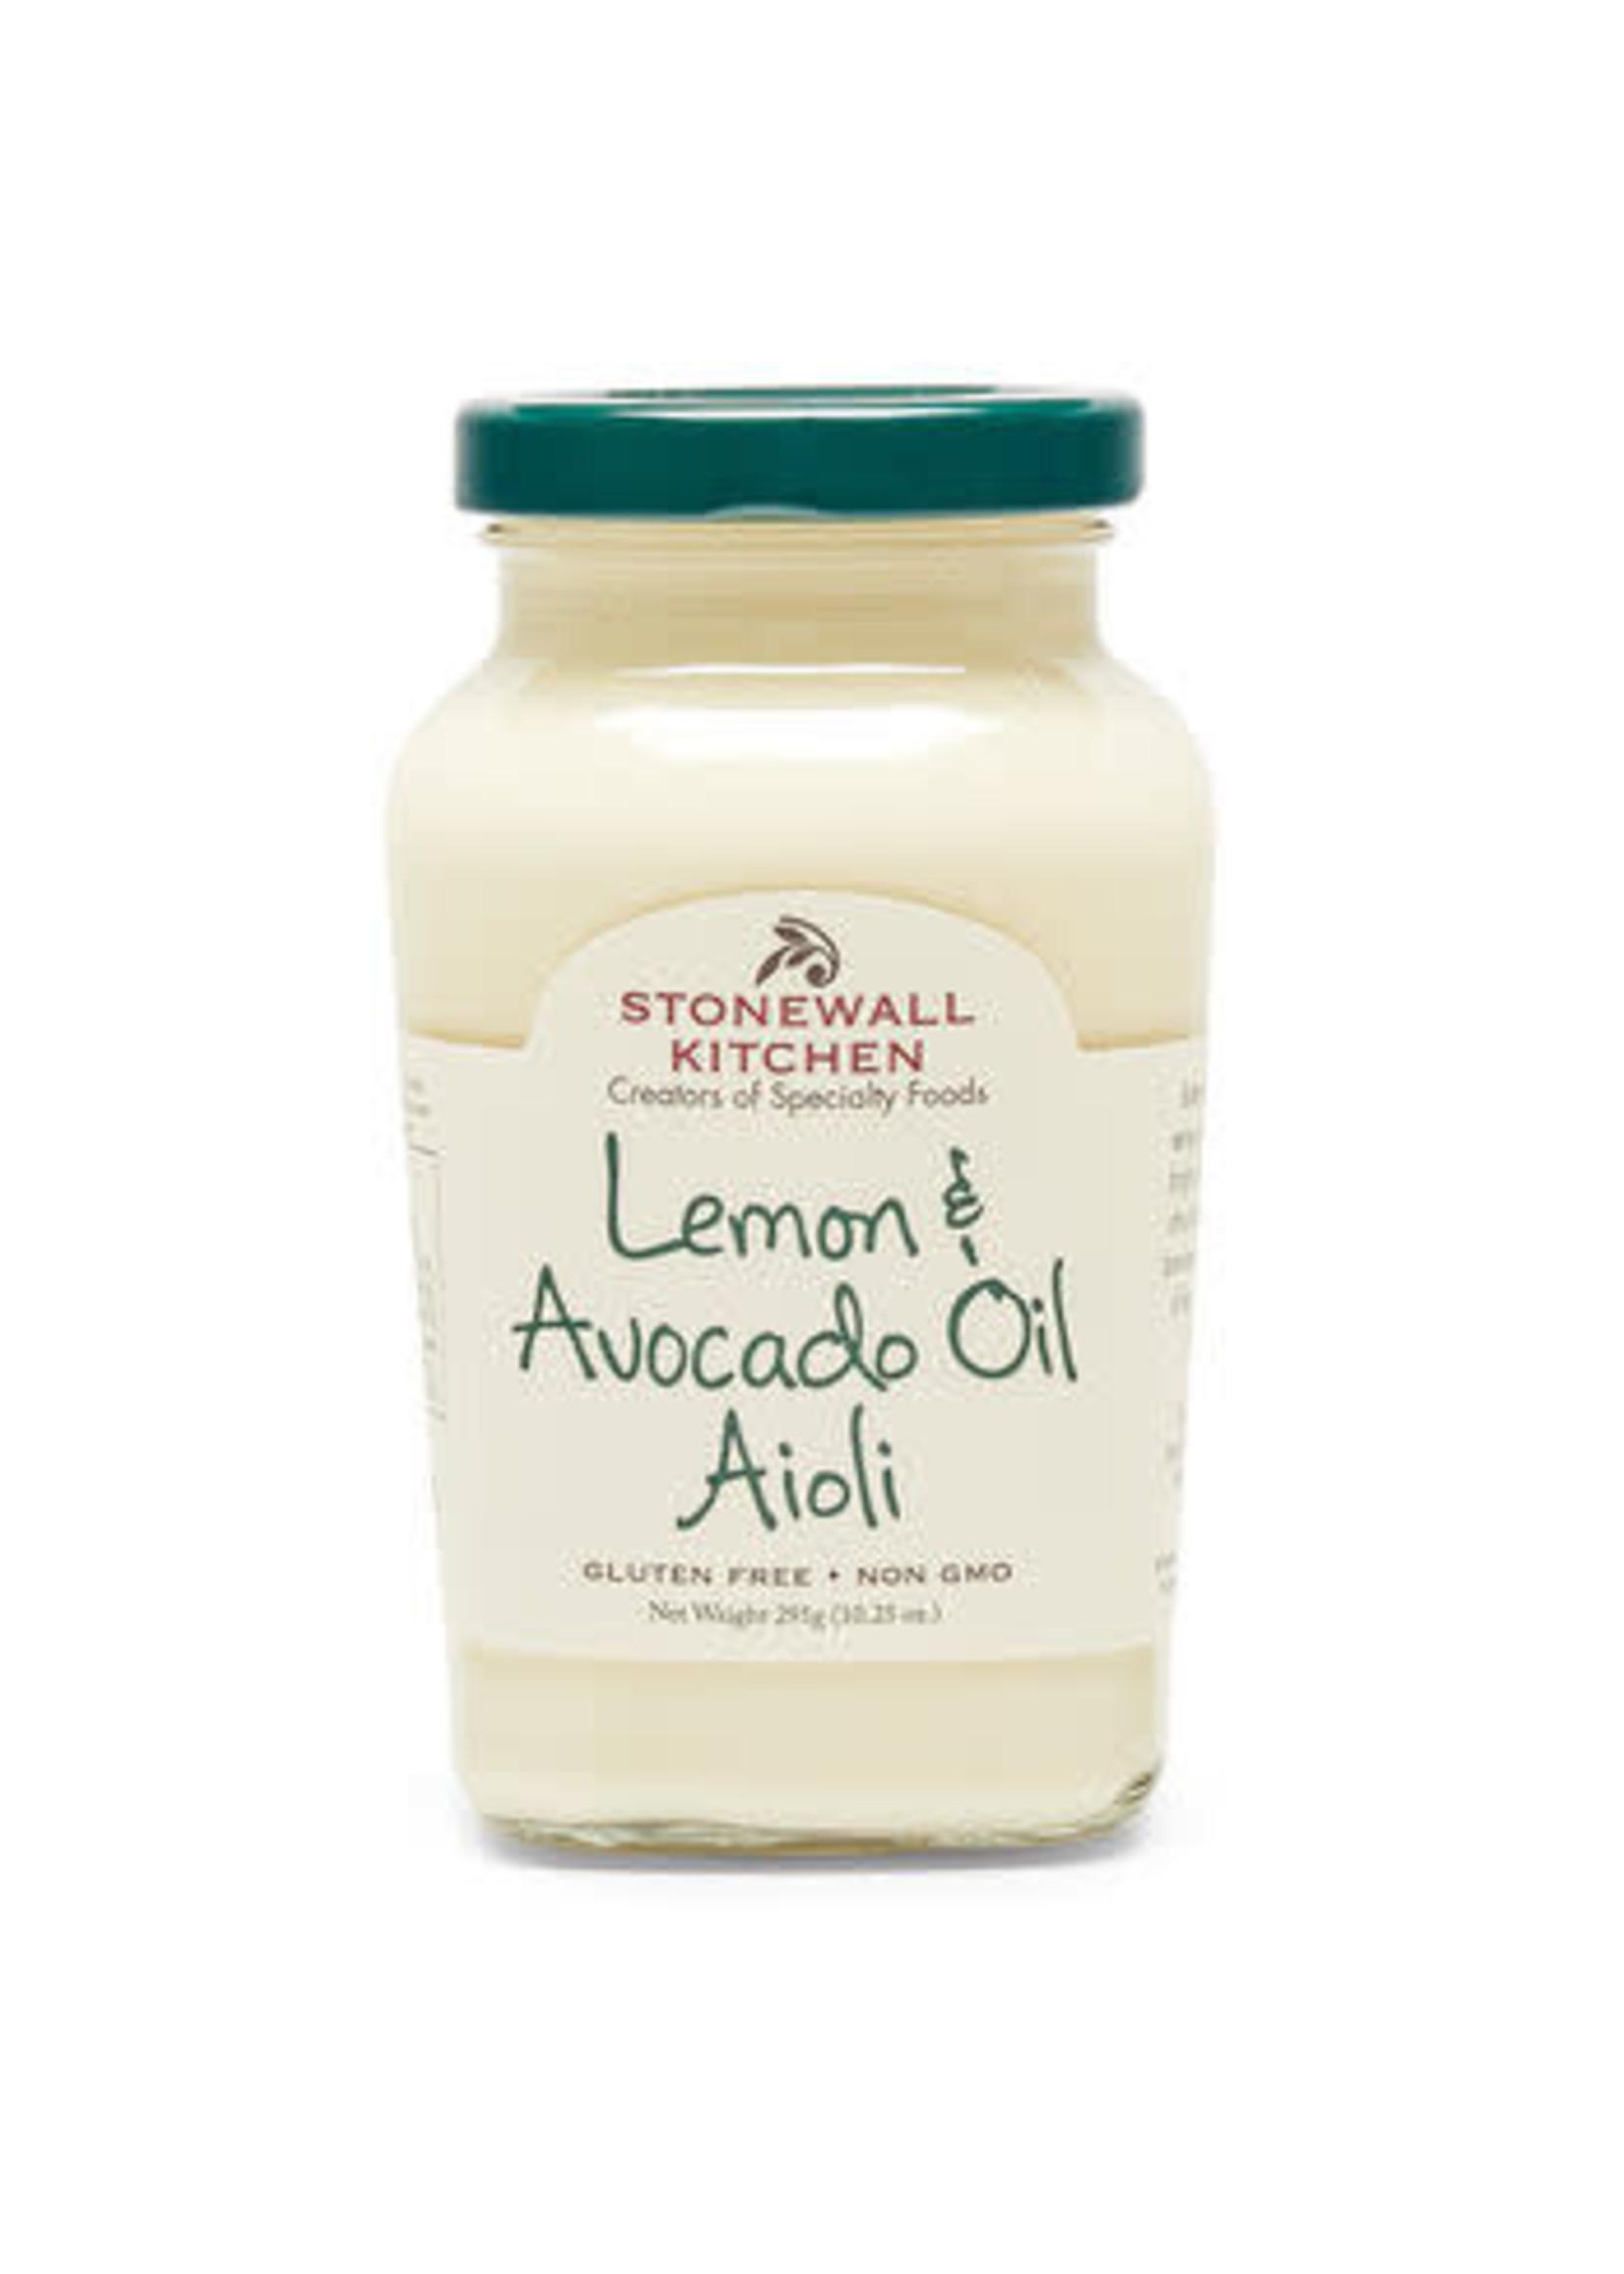 Stonewall Kitchen Lemon & Avocado Oil Aioli